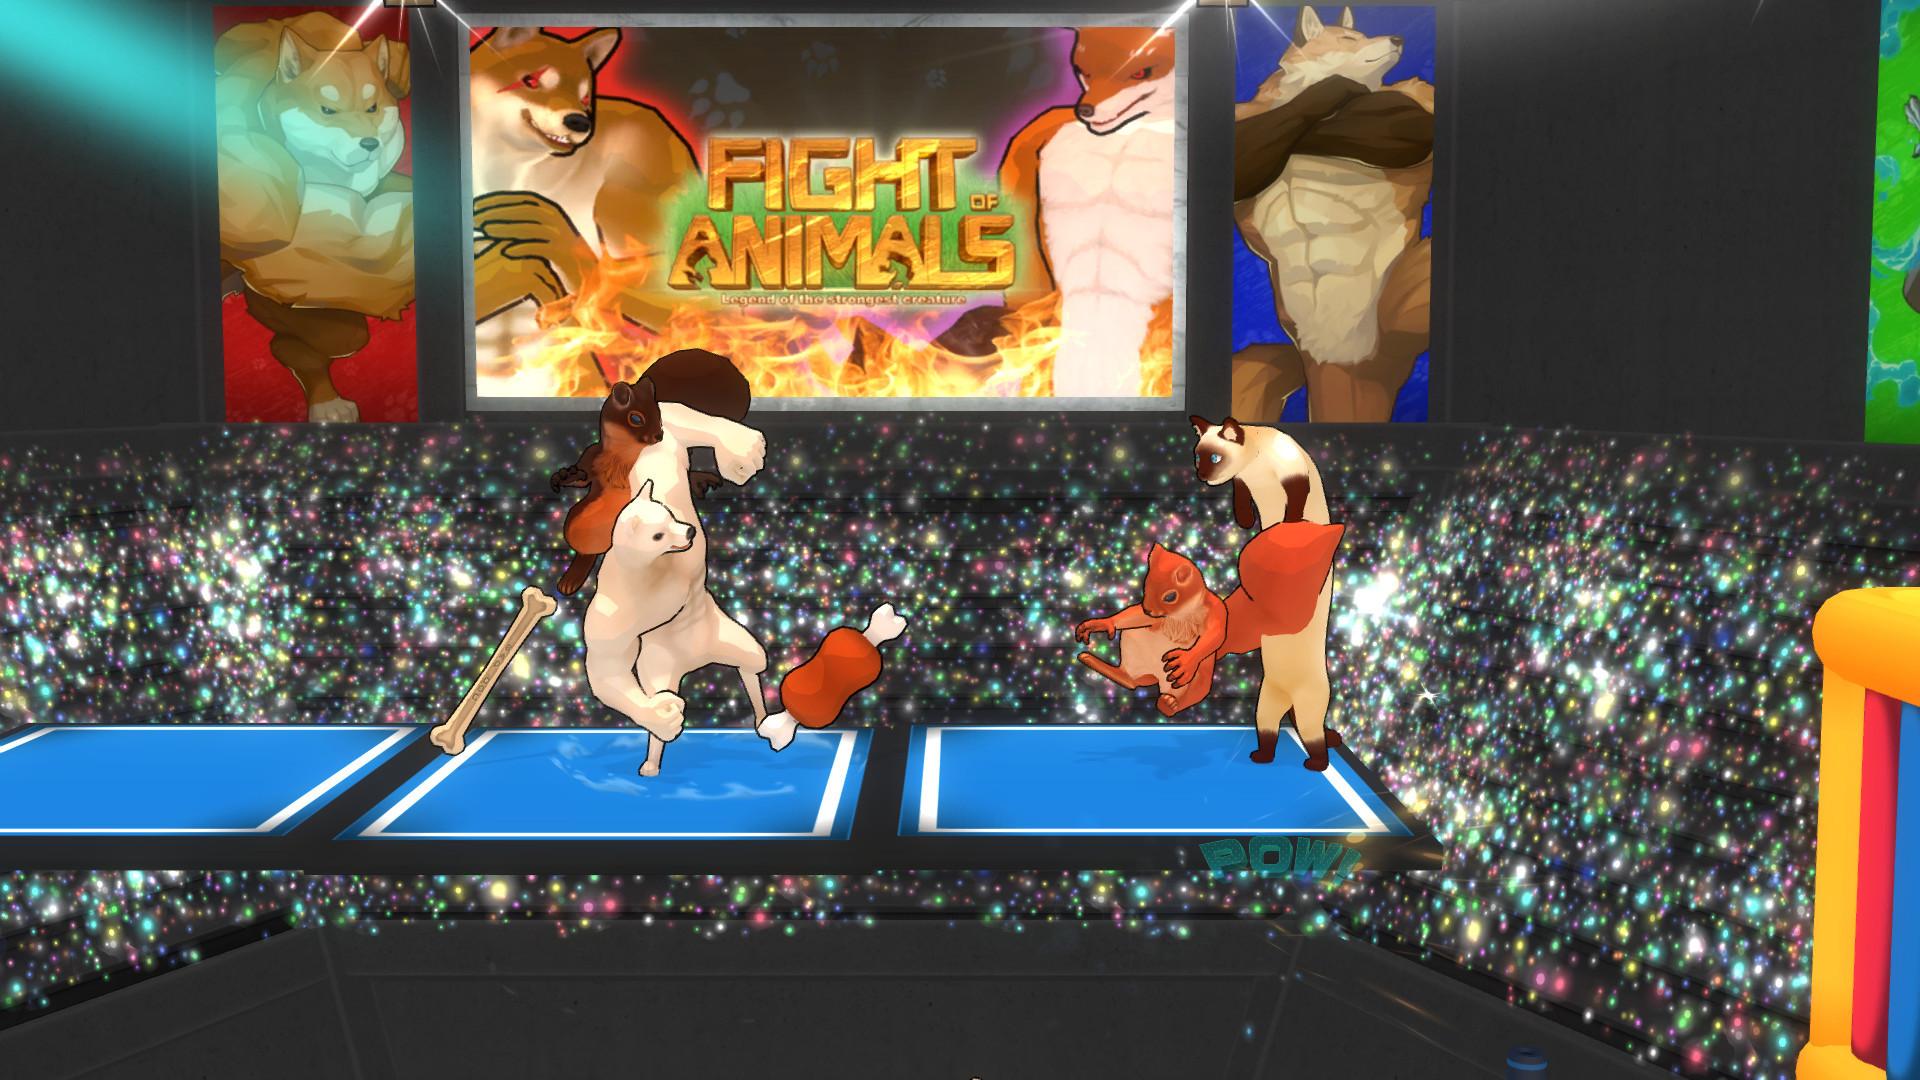 动物之斗:竞技场图片